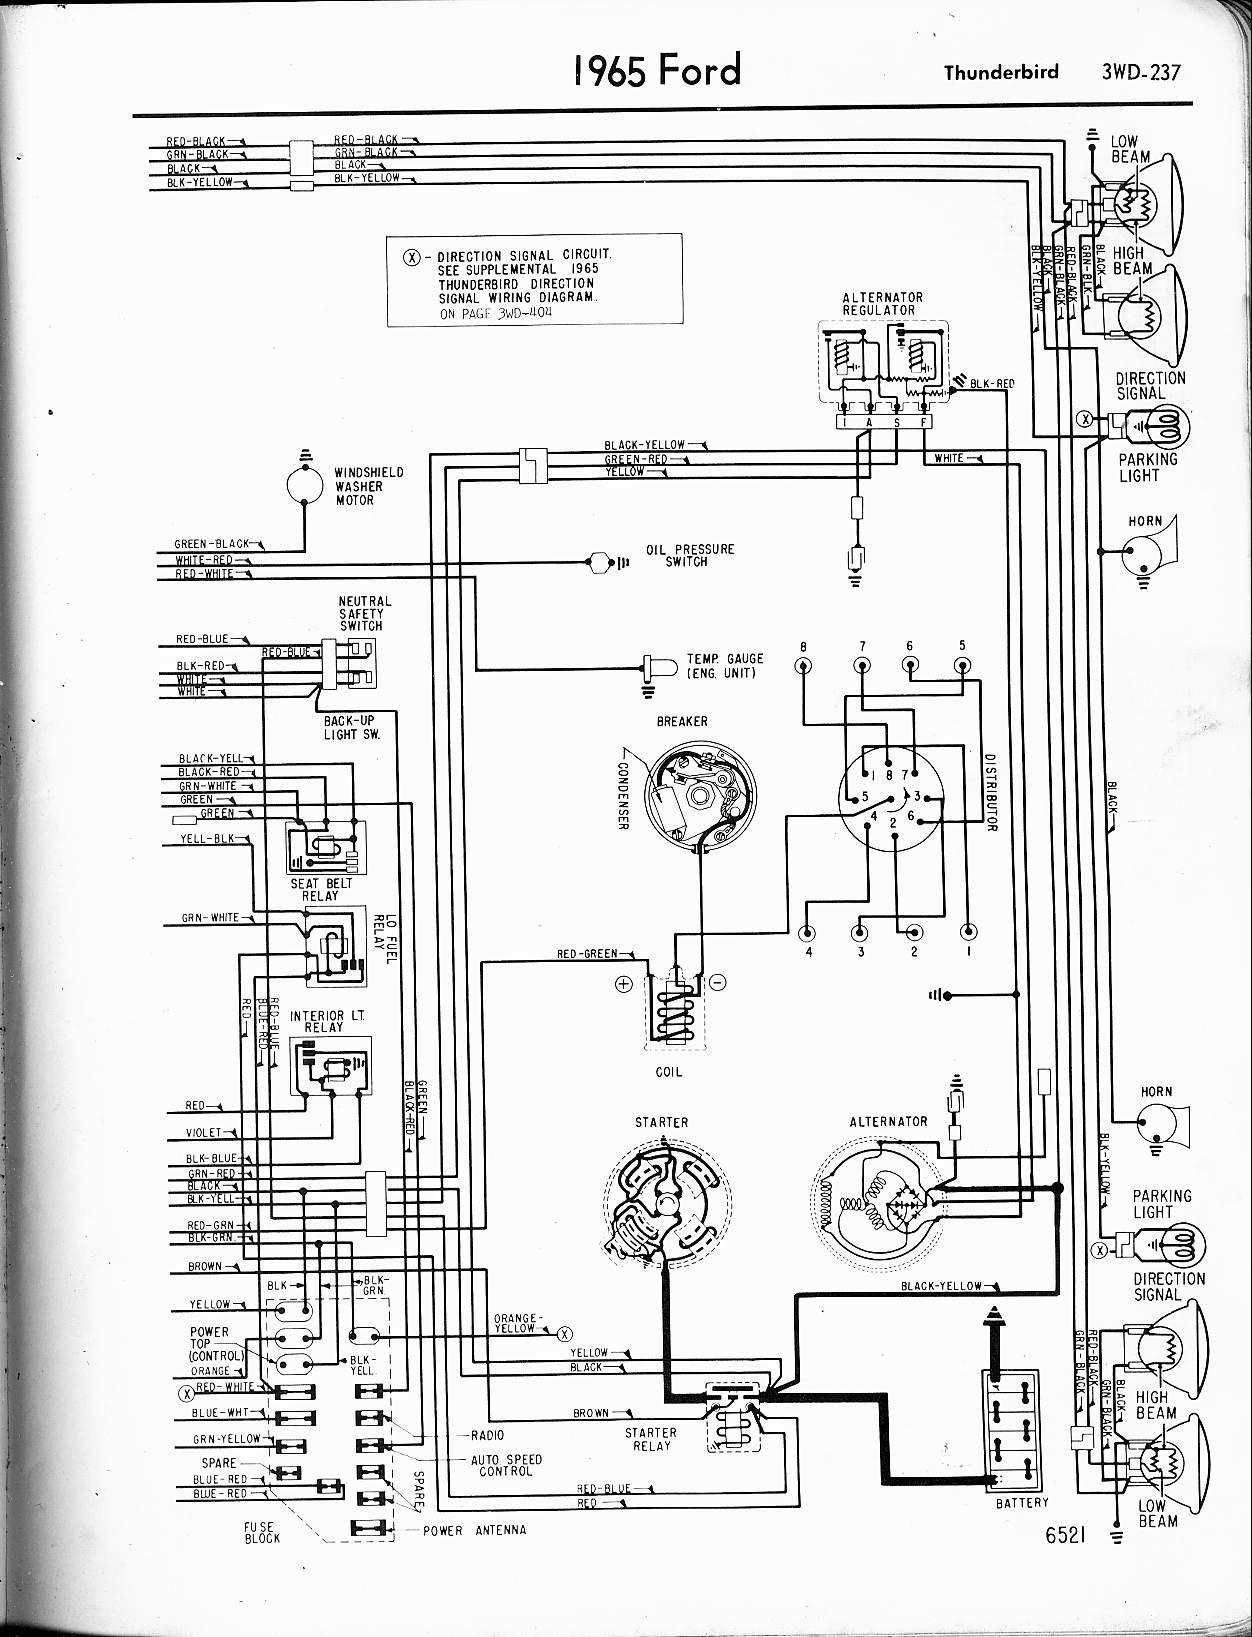 willys wagon wiring diagram zr 5657  willys station wagon wiring diagram free picture  zr 5657  willys station wagon wiring